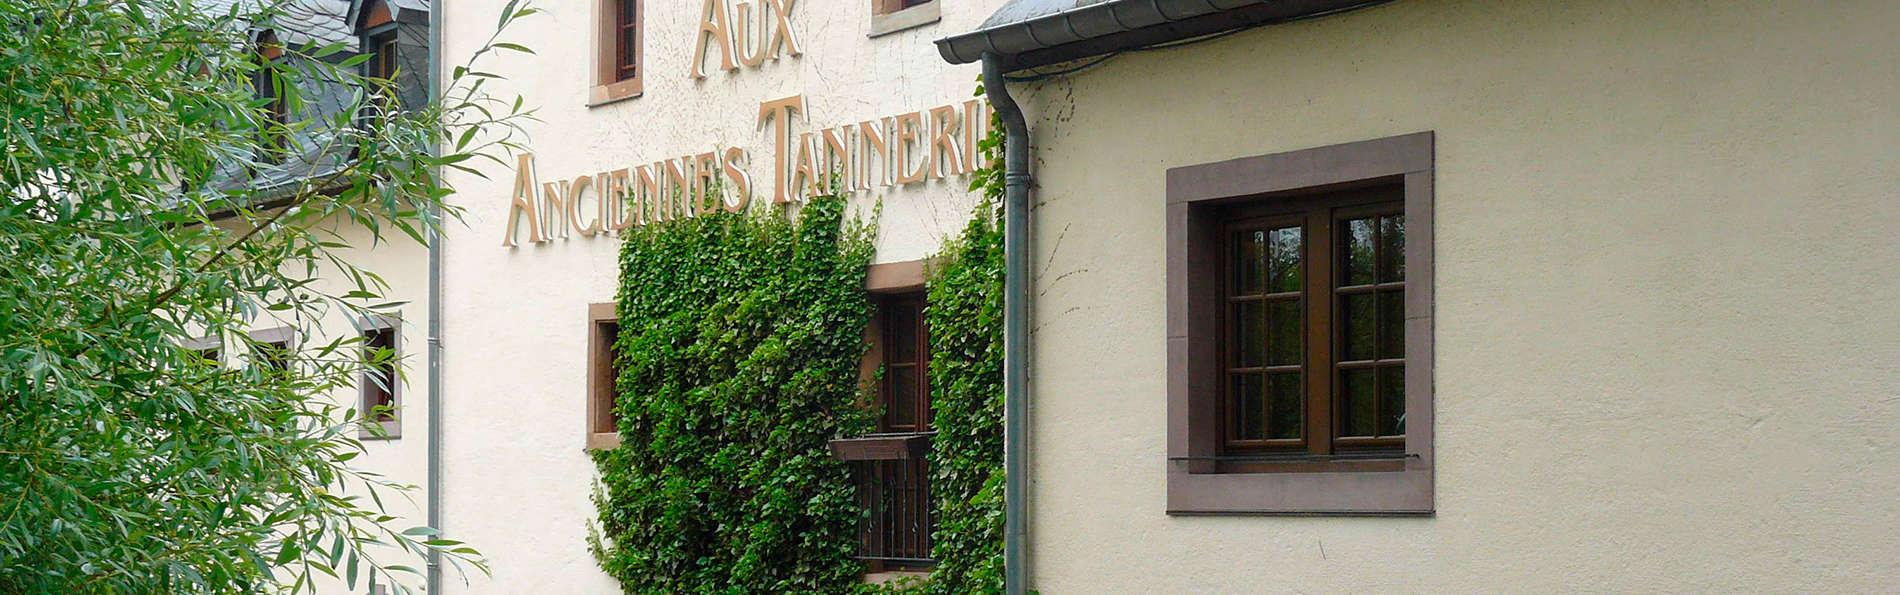 Hôtel Restaurant Aux Anciennes Tanneries - EDIT_front.jpg